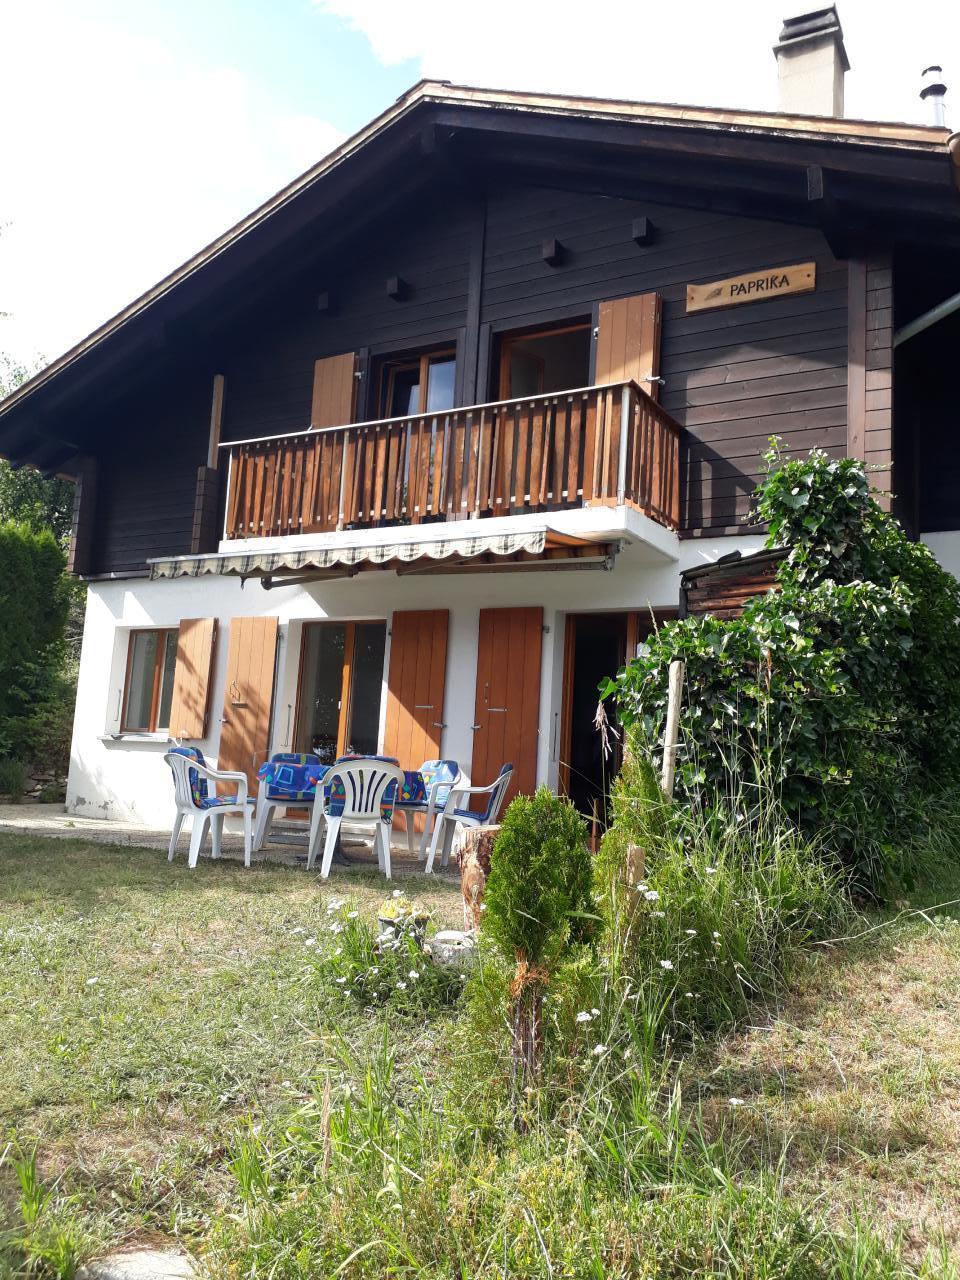 Maison de vacances Chalet Paprika (383057), Crans-sur-Sierre, Crans-Montana - Anzère, Valais, Suisse, image 24